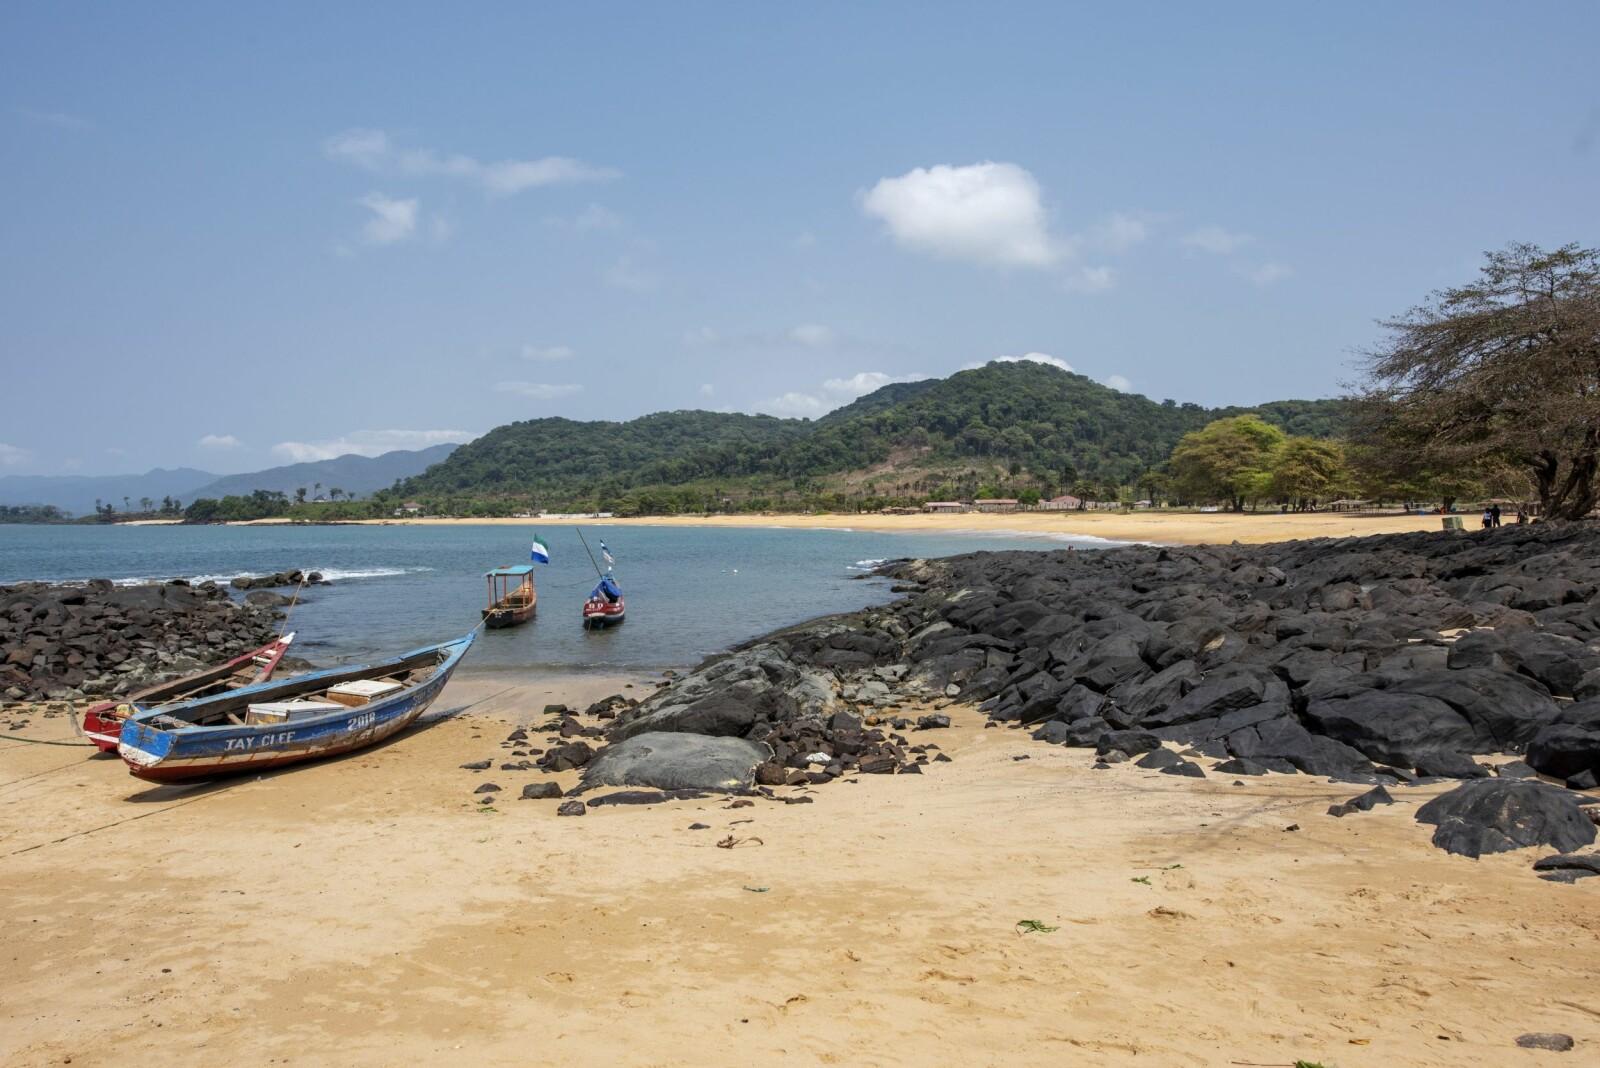 <b>STRANDIDYLL:</b> Sierra Leone spiller på et bredt spekter. Landet byr også på praktfulle strender.